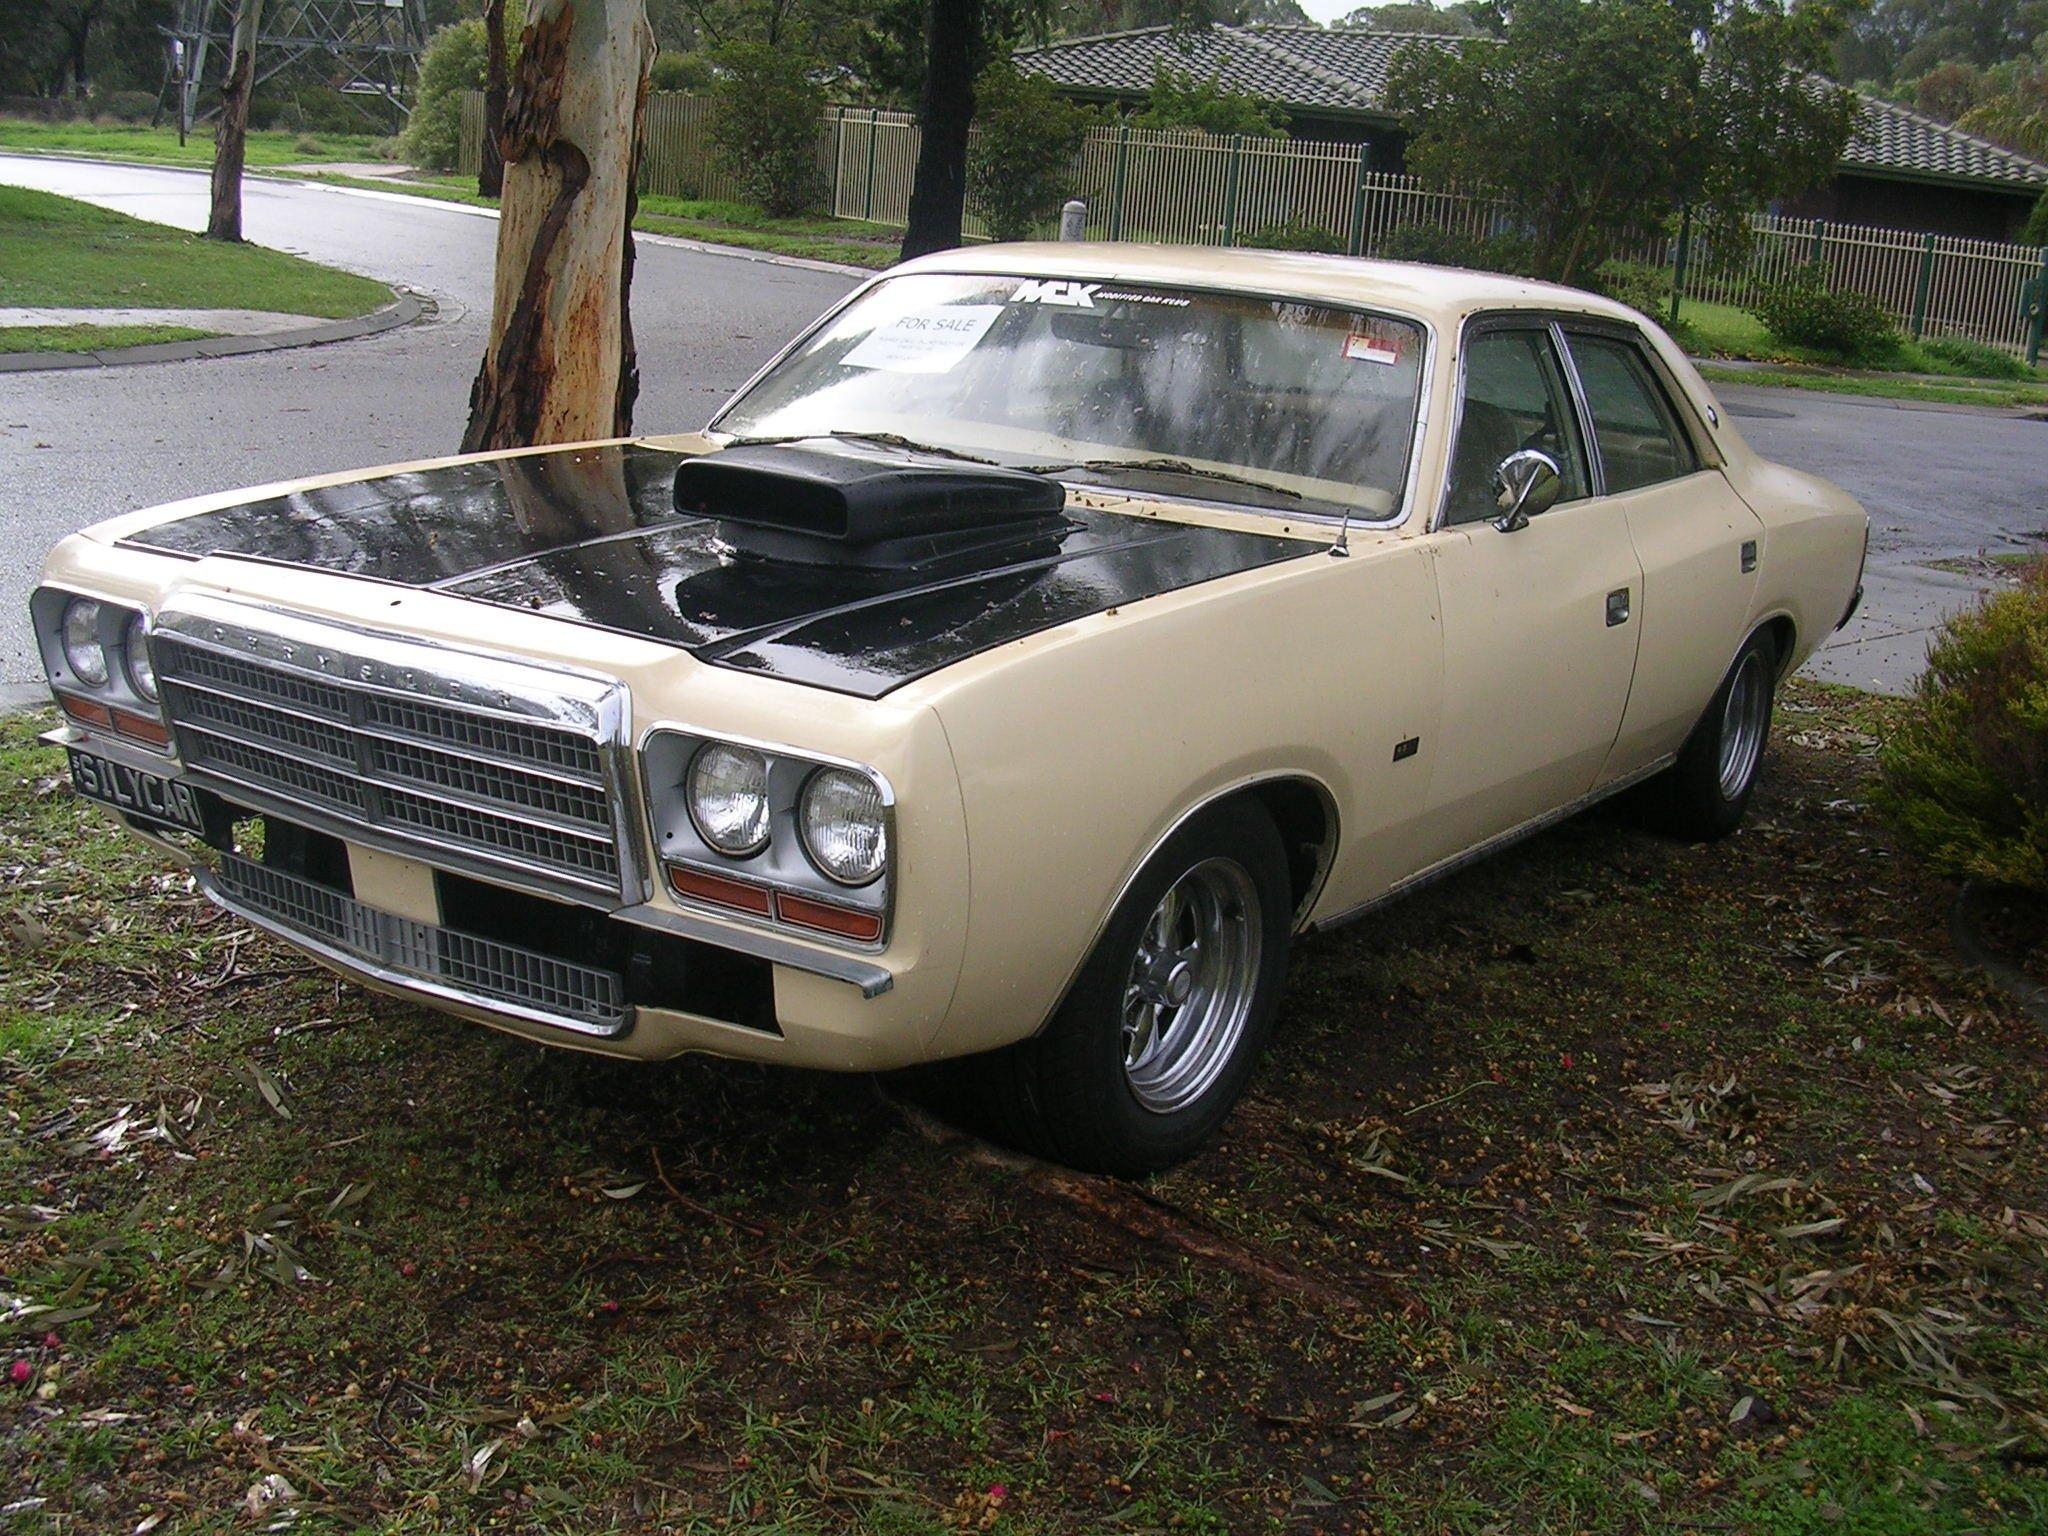 Chrysler collector mopar #3